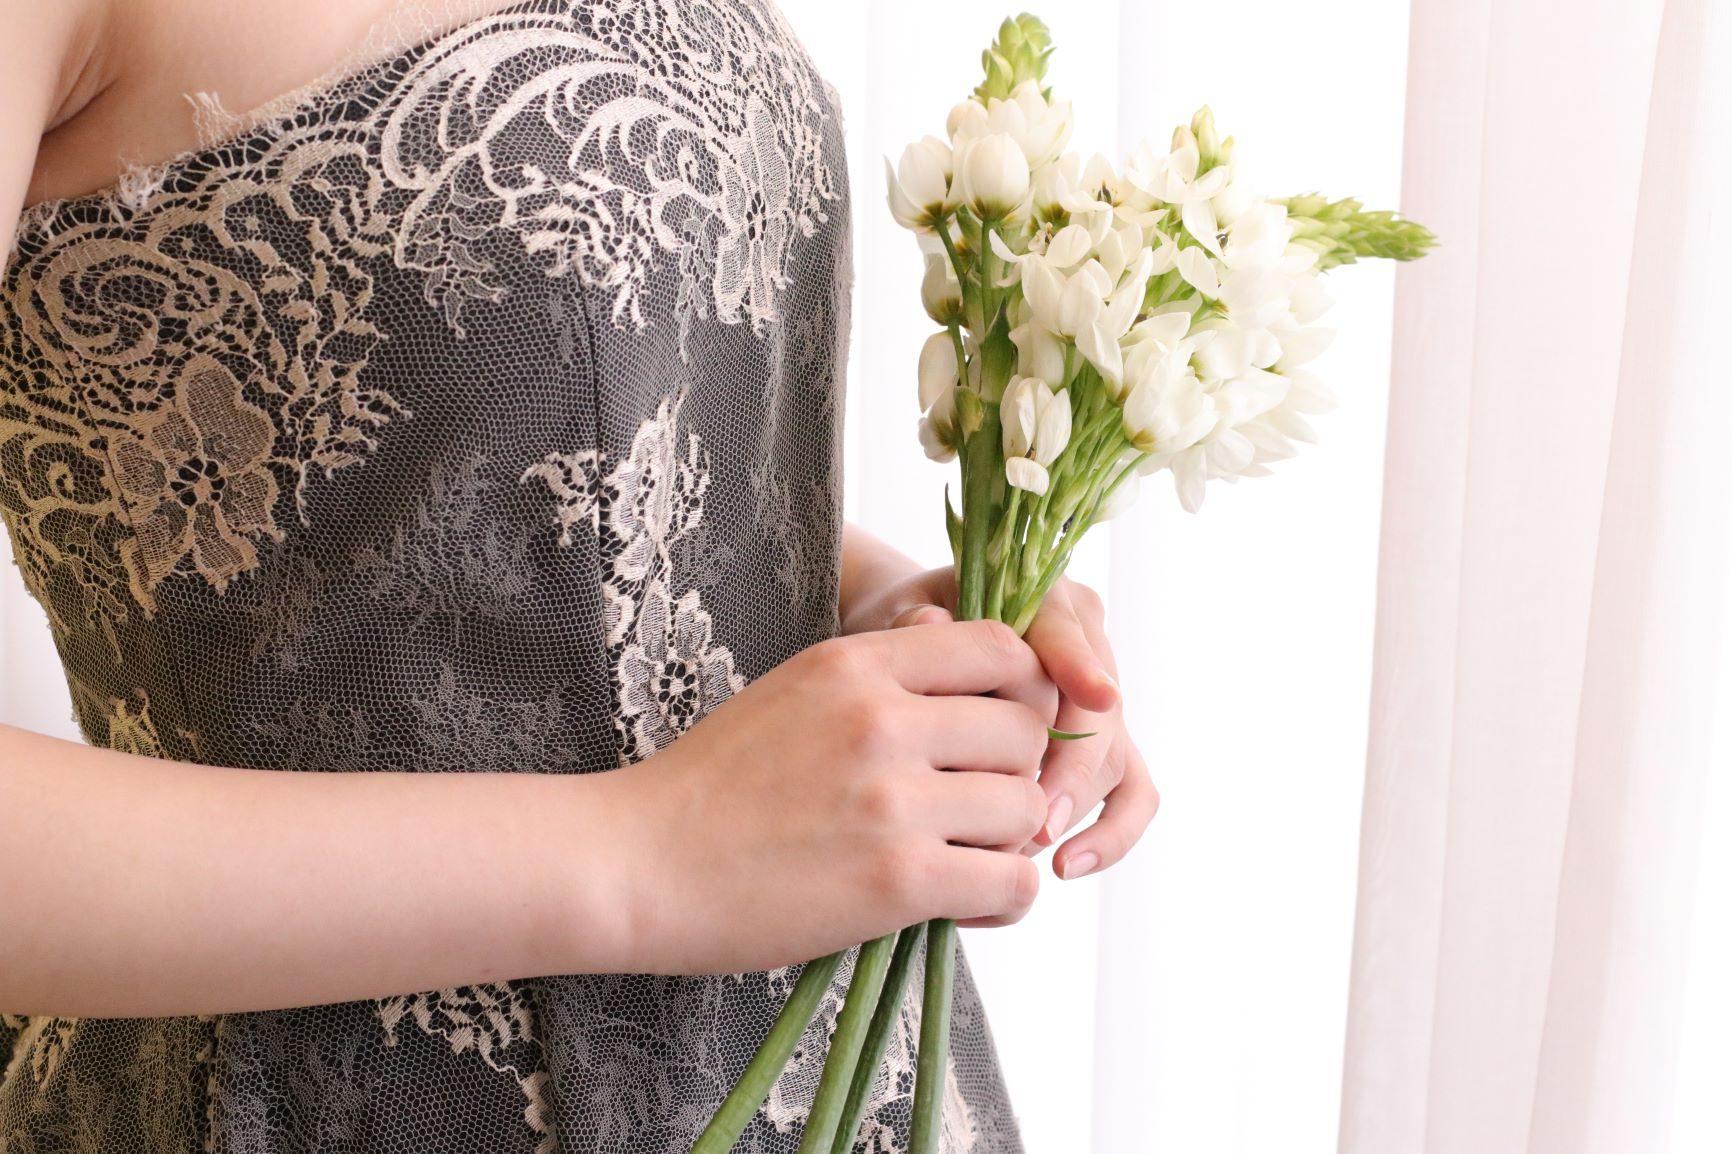 日本で唯一ザ・トリート・ドレッシングが扱うモニーク・ルイリエのブラックドレスは、インポートならではの繊細なシャンテリーレースが施され、甘くなり過ぎない大人な上品さがあるのが特徴です